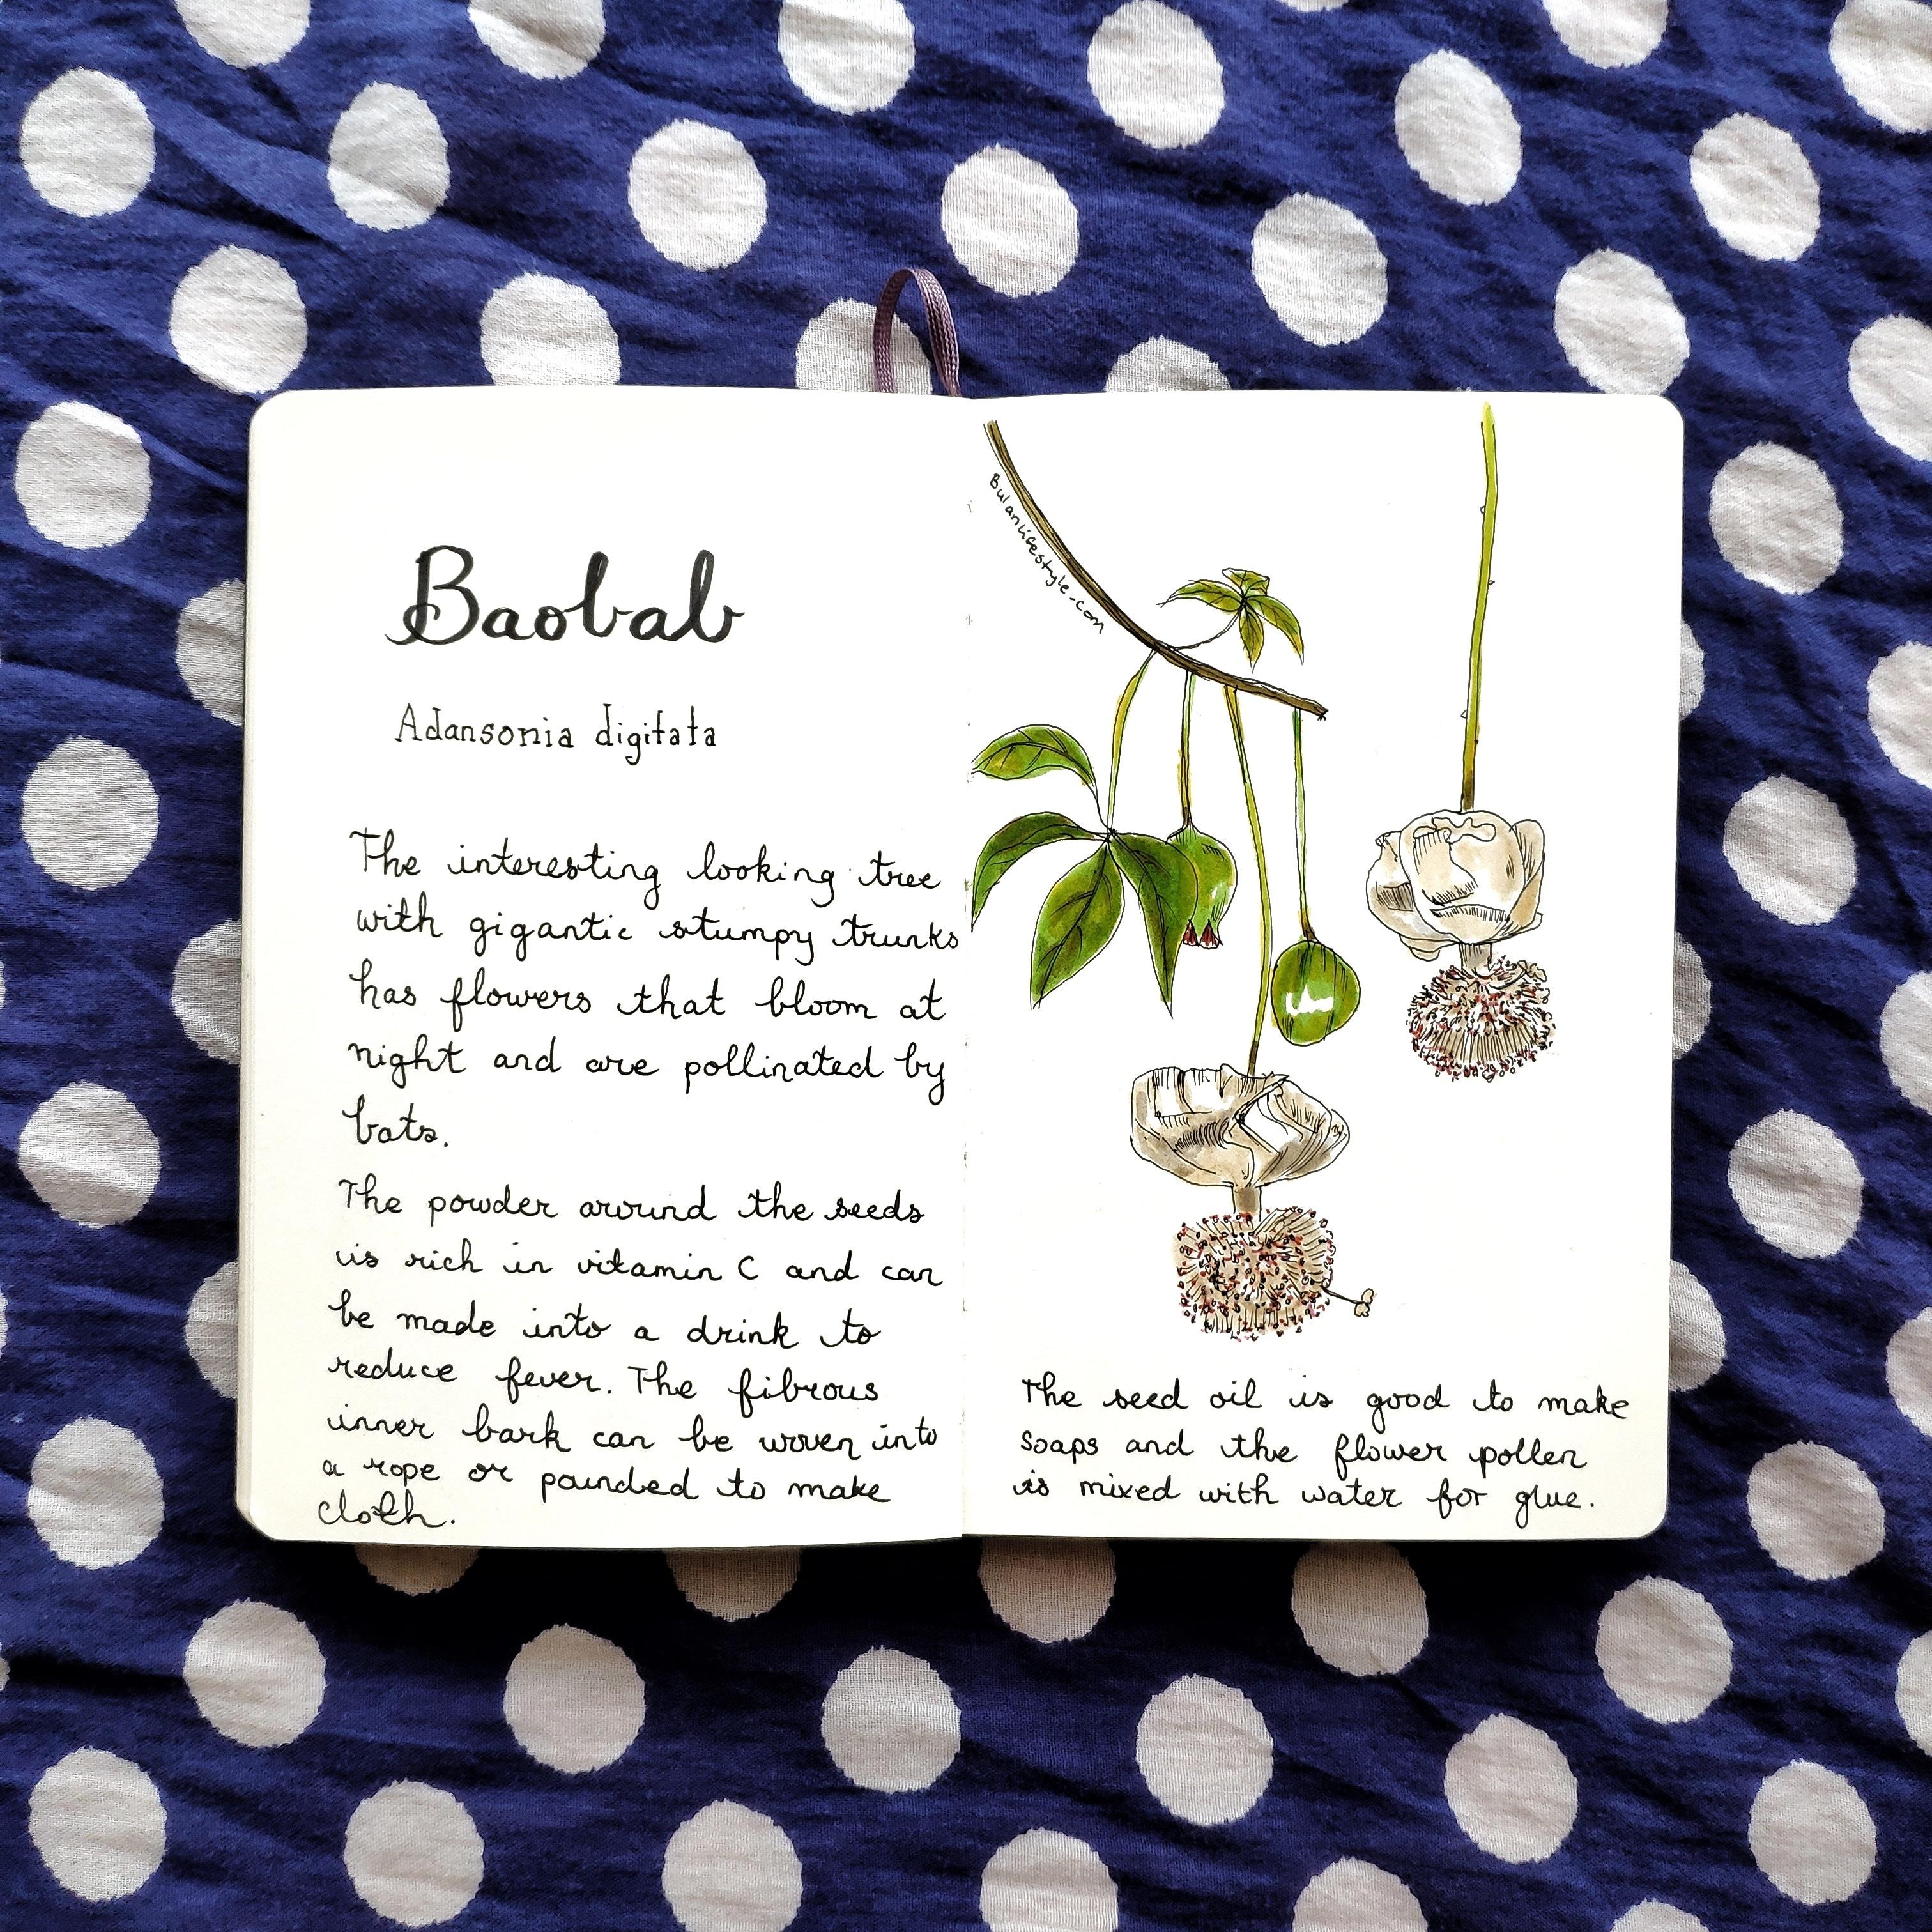 Baobab botanical drawing